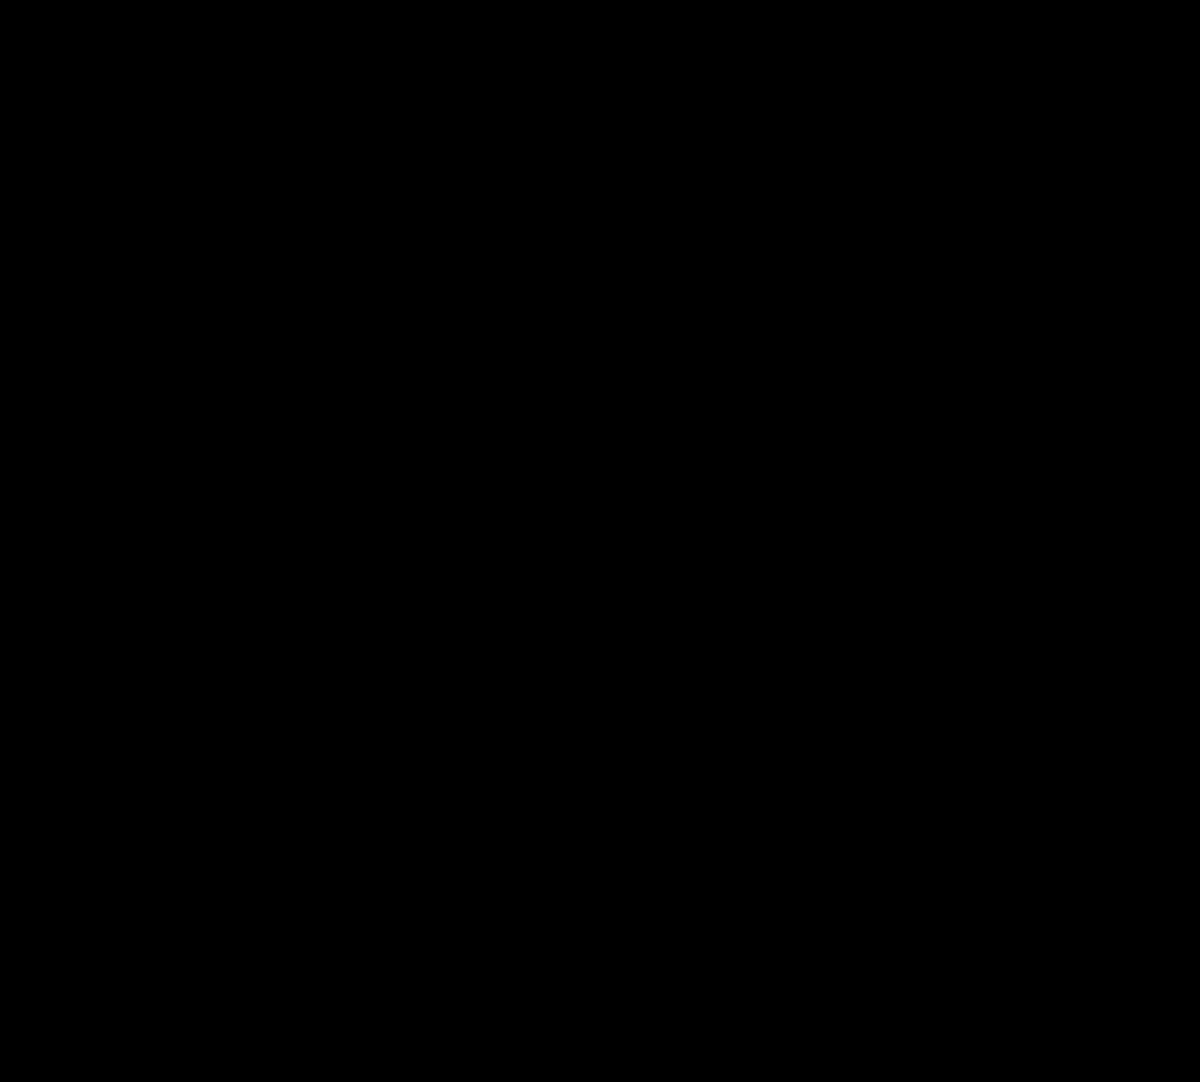 Magneet met spiegel antennemodel